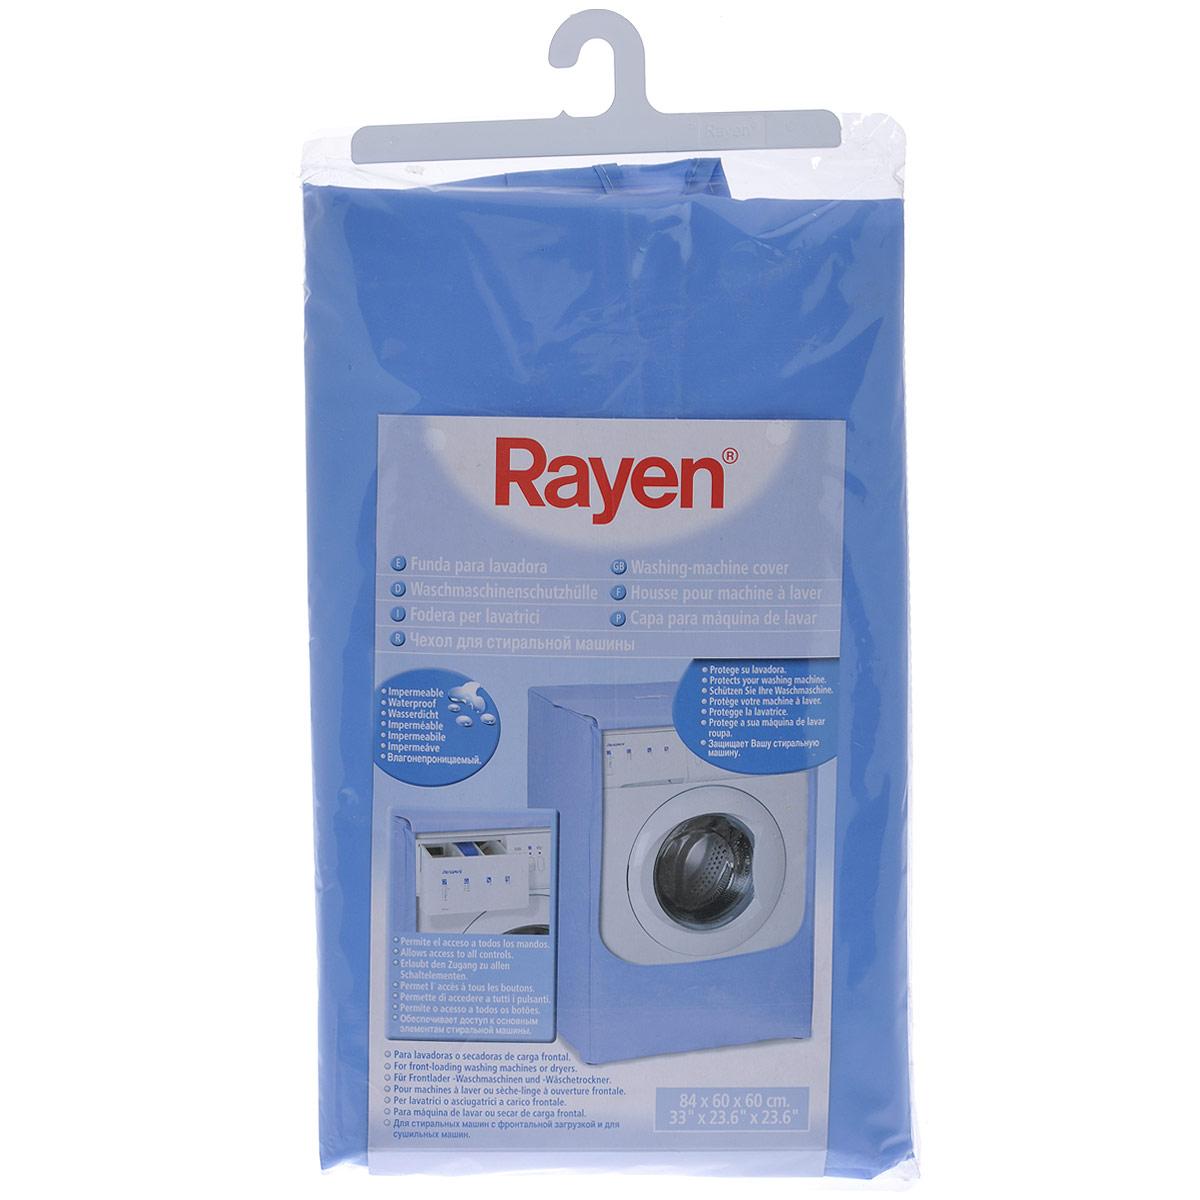 Чехол Rayen для стиральной машины с горизонтальной загрузкой, 84 см х 60 см х 60 см